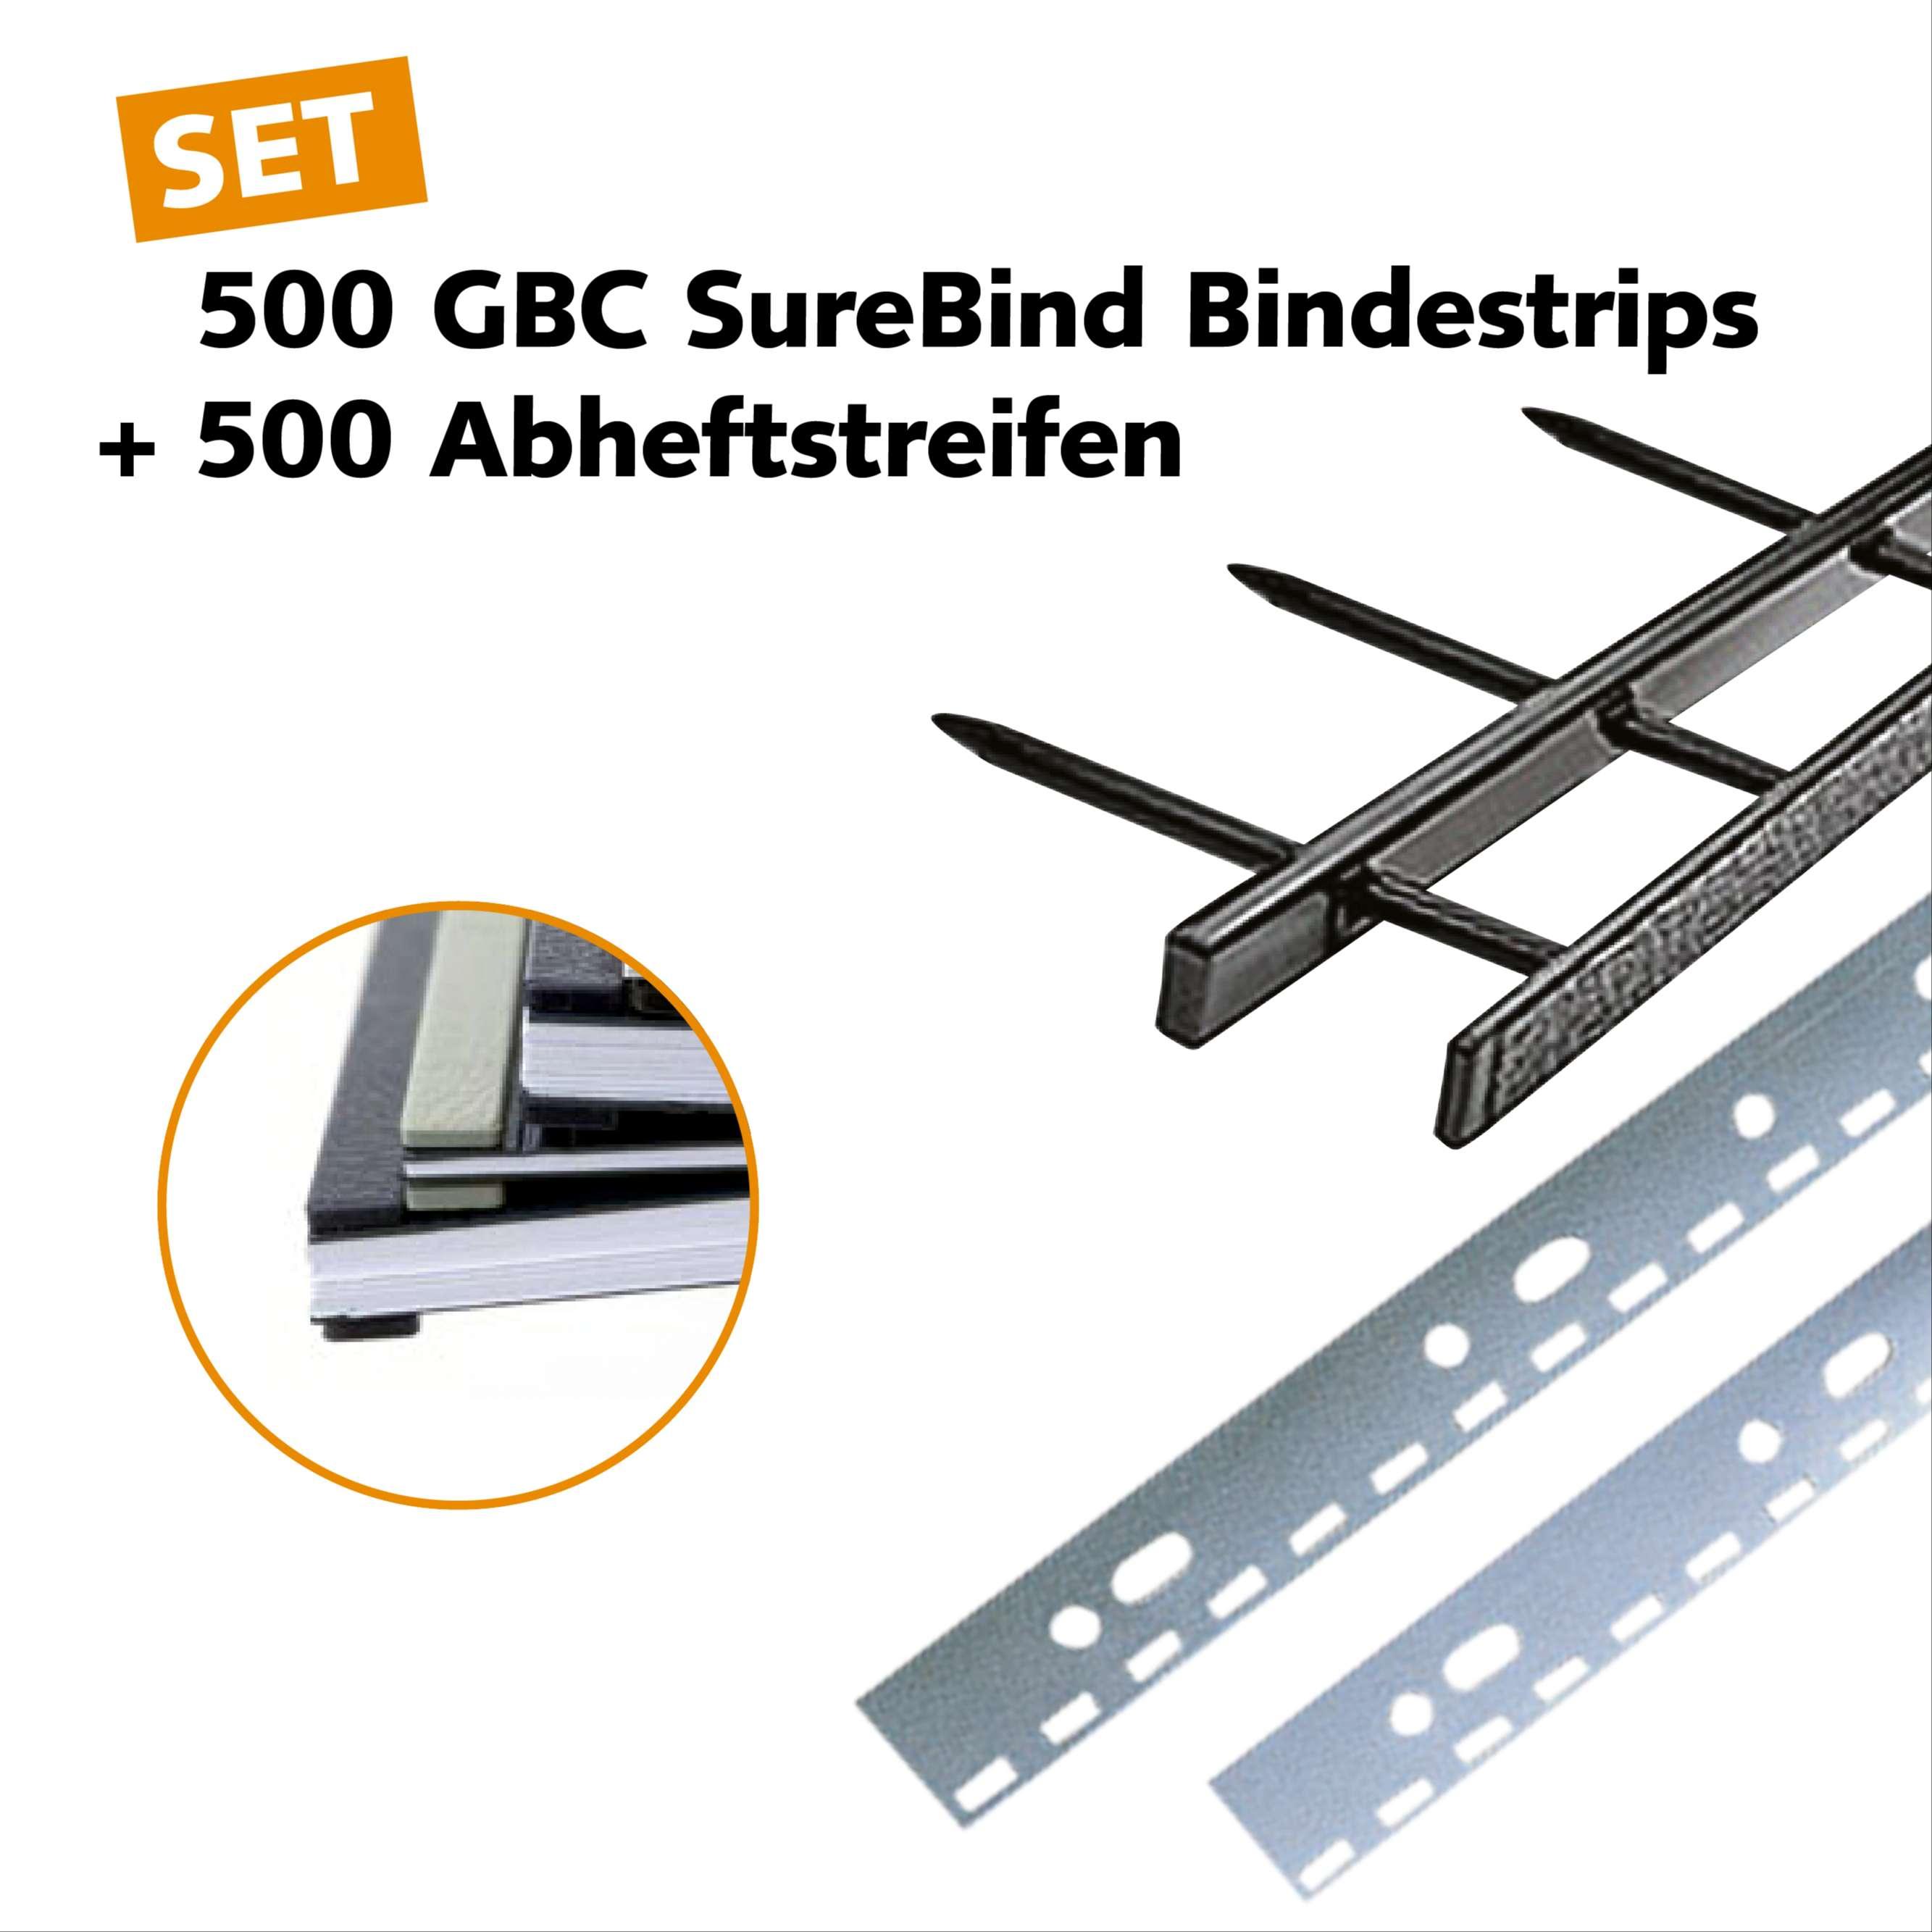 500 GBC SureBind Bindestrips inkl. Abheftstreifen - Startset